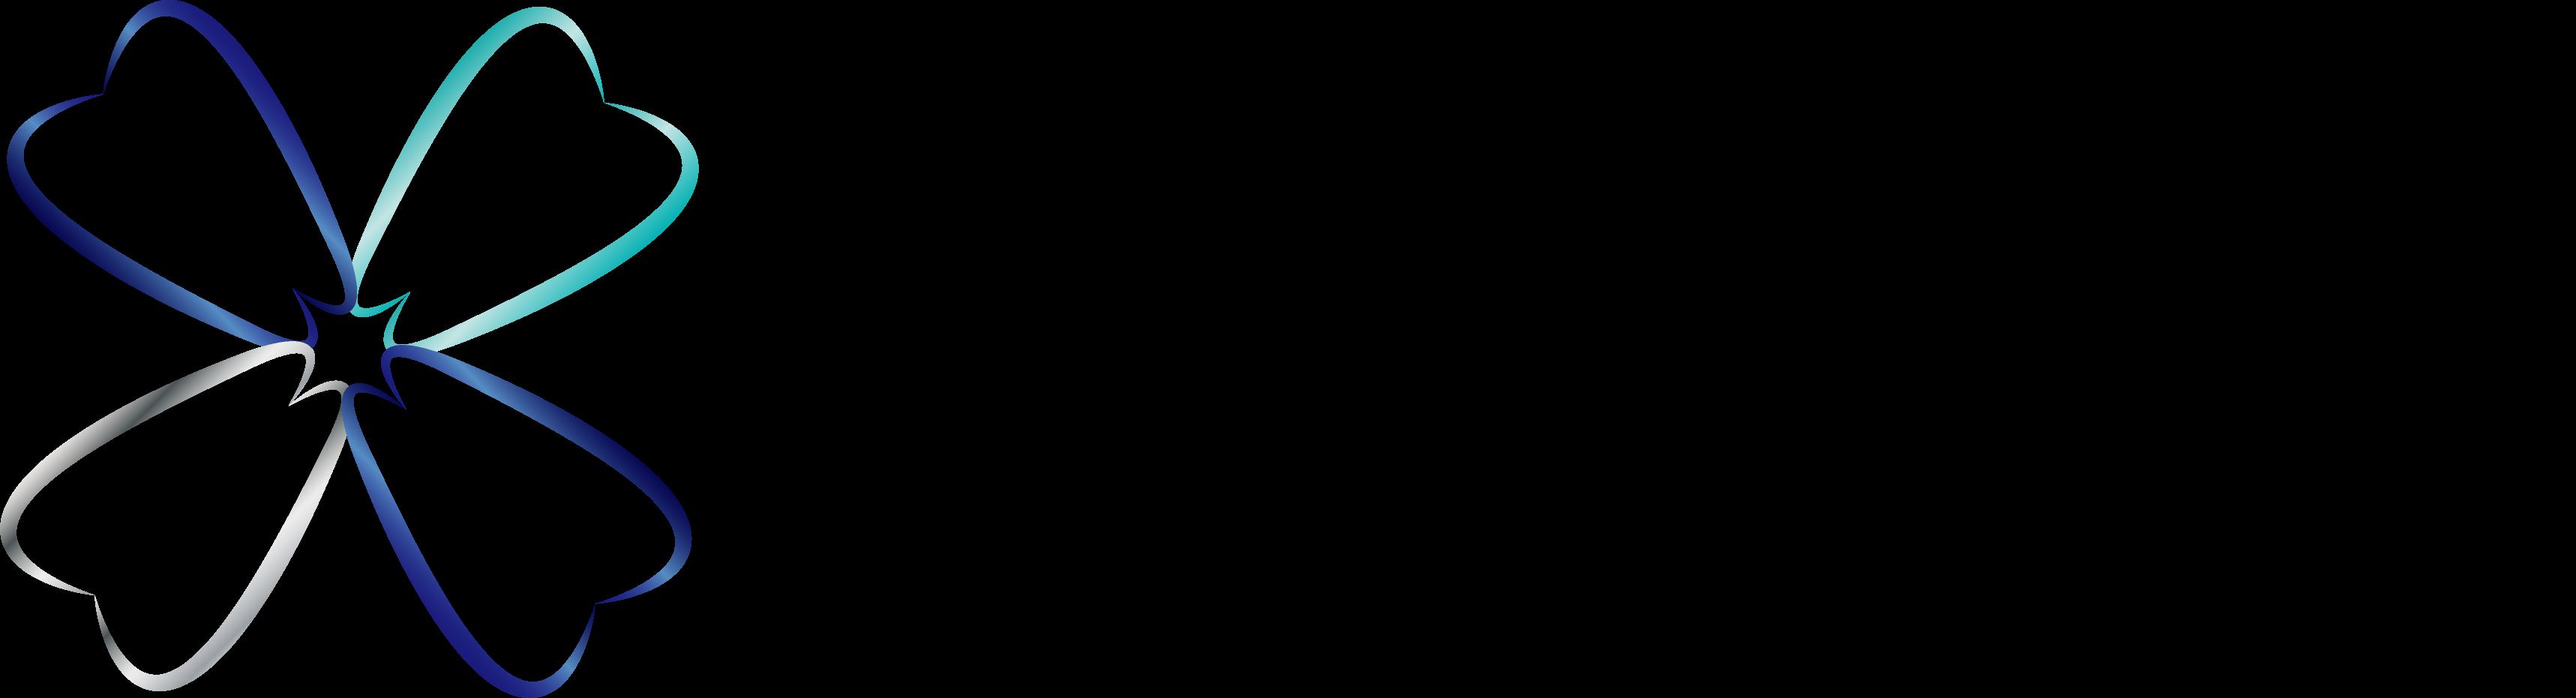 一般社団法人日本デンタルビューティー協会